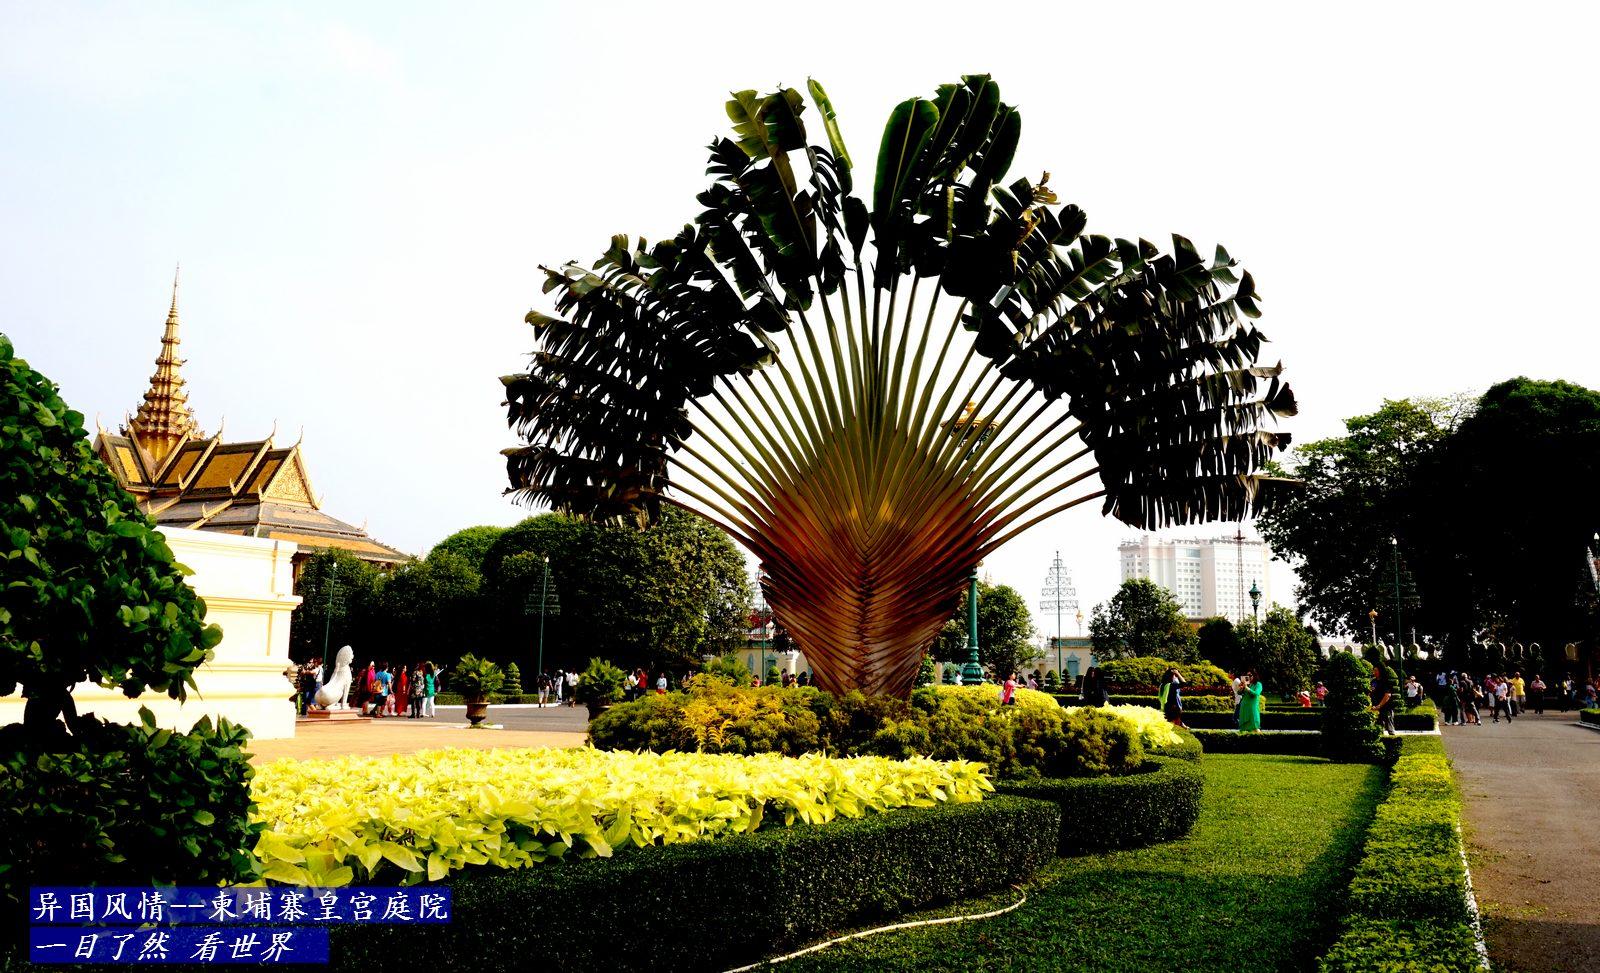 柬埔寨皇宫-43-1600.jpg